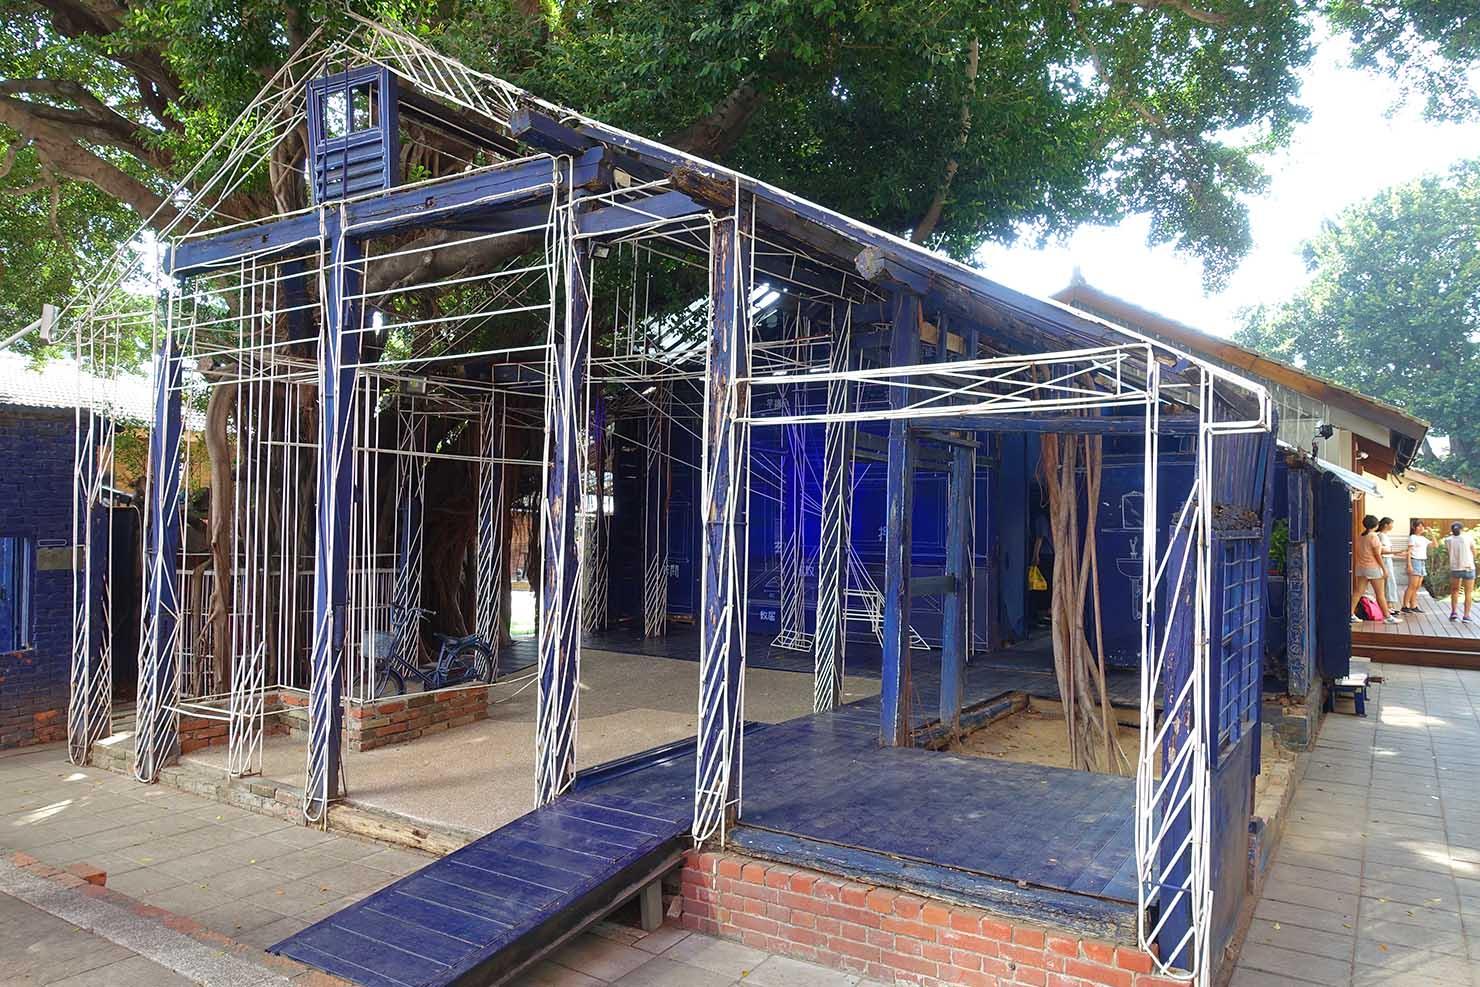 台湾の古都・台南のおすすめ観光スポット「藍晒圖文創園區」青焼きの家